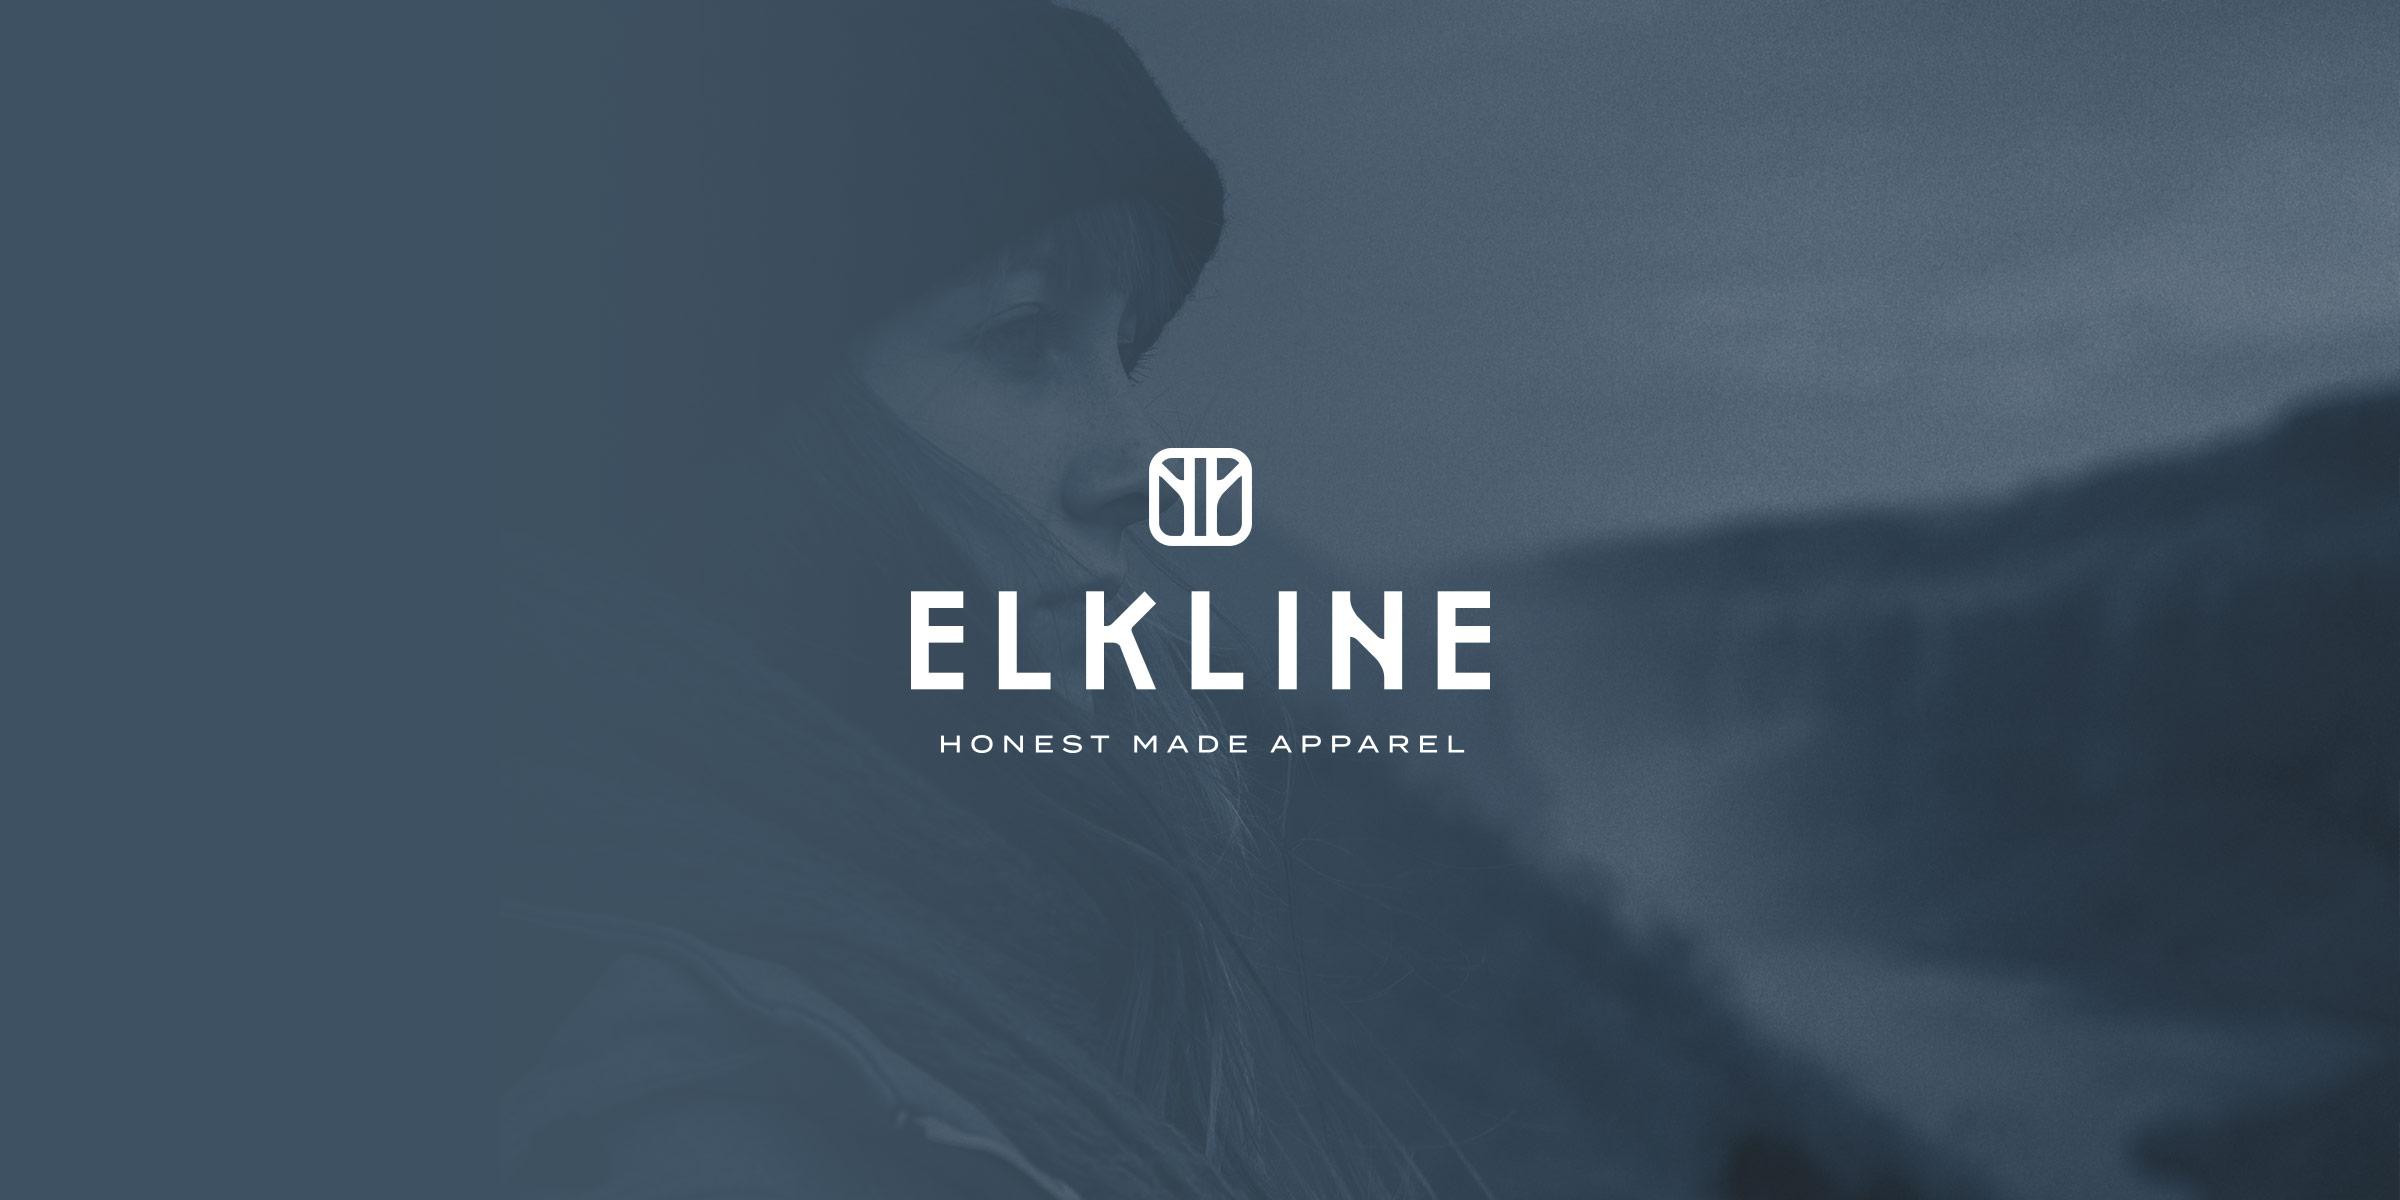 Elkline - Jobs - Uebersicht